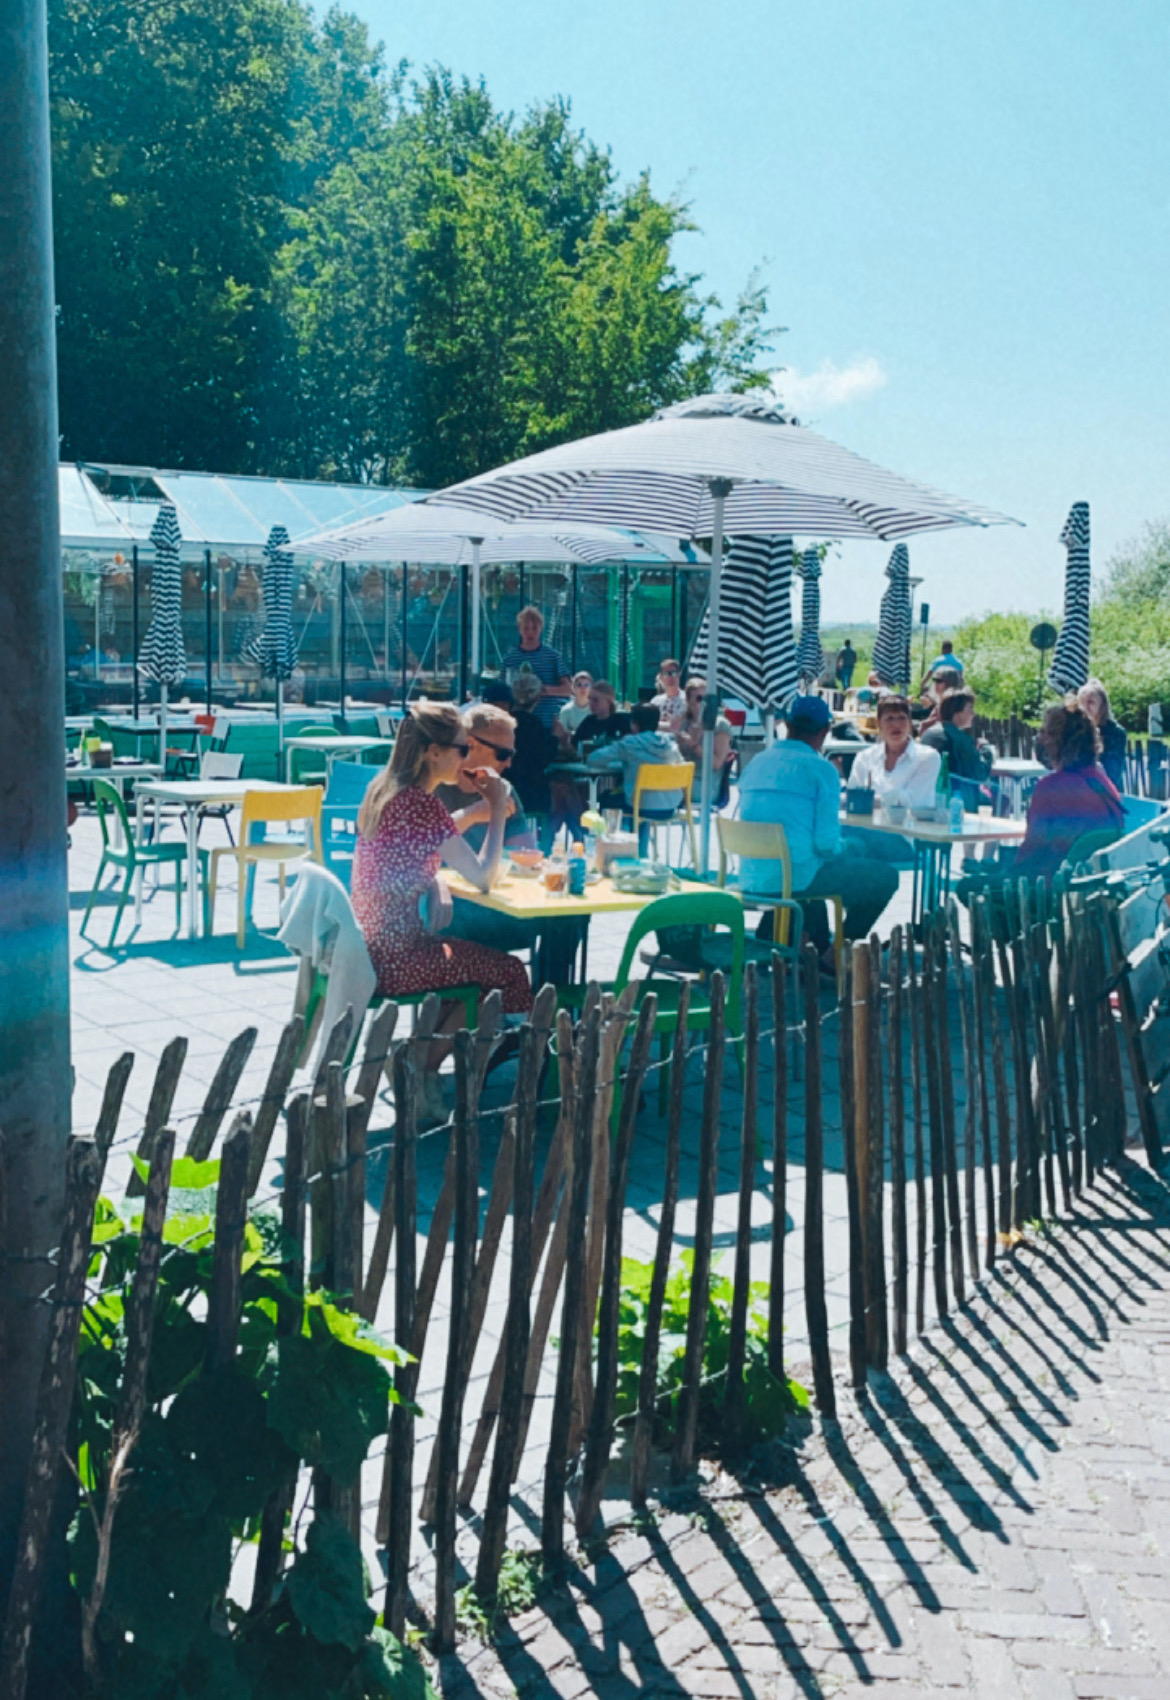 vaarvakantie in friesland stop bij picknickers terherne